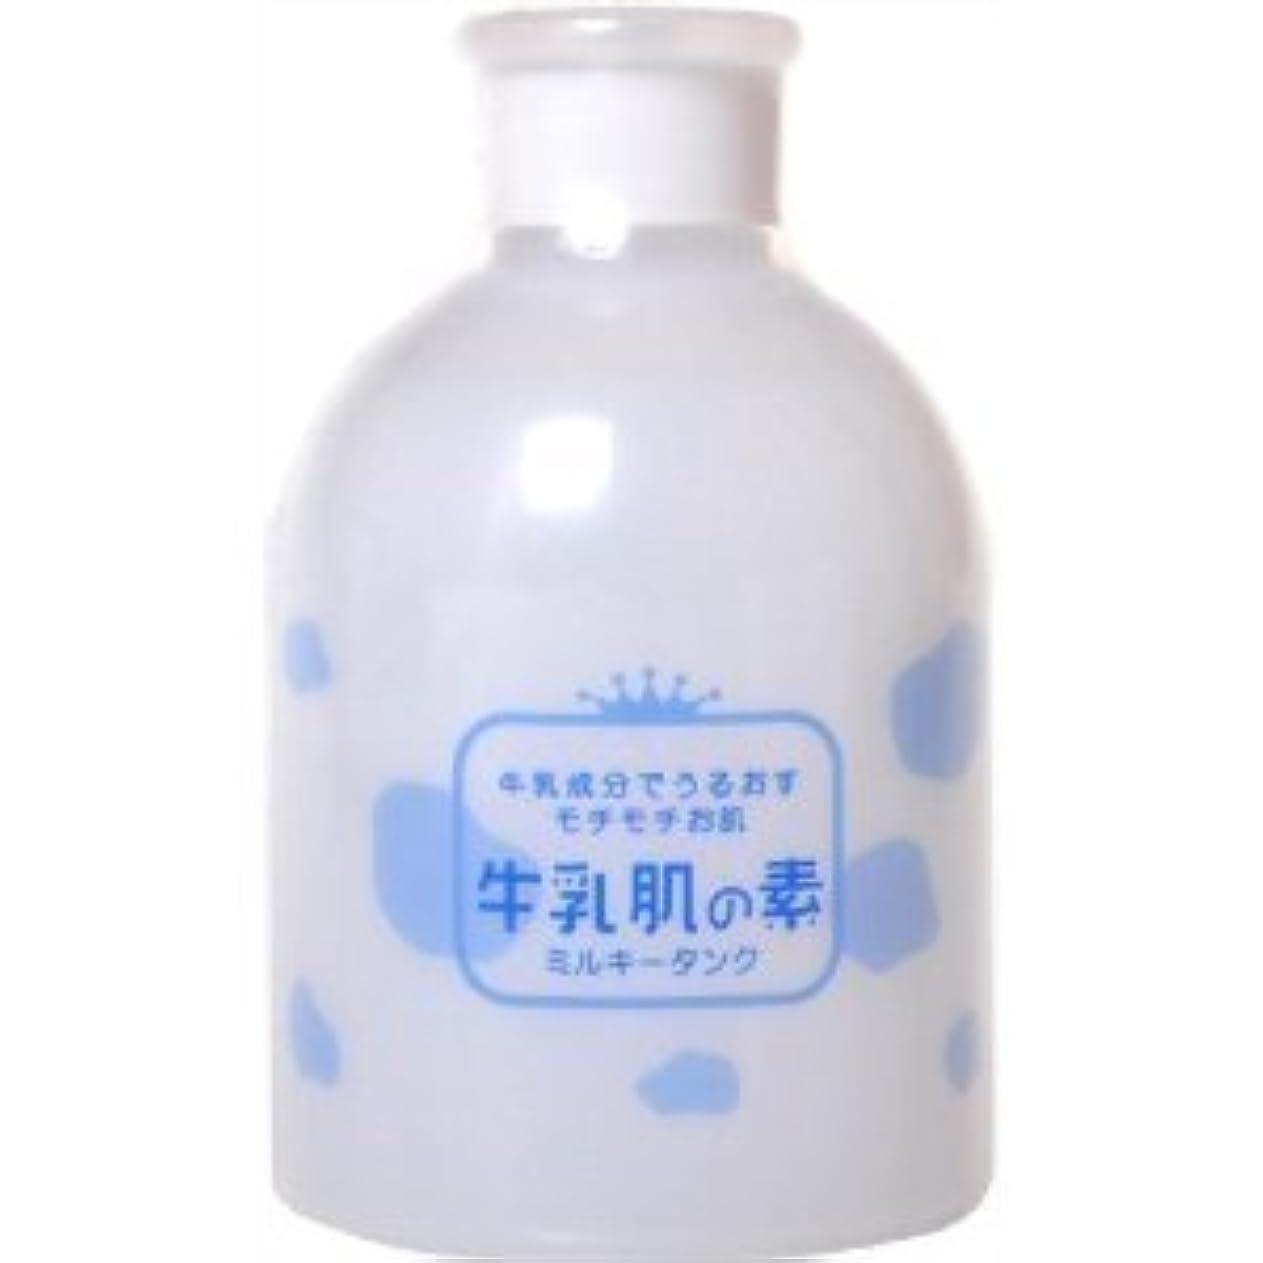 破産アマゾンジャングル神社牛乳肌の素 ミルキータンク(化粧水) 300ml×4個セット